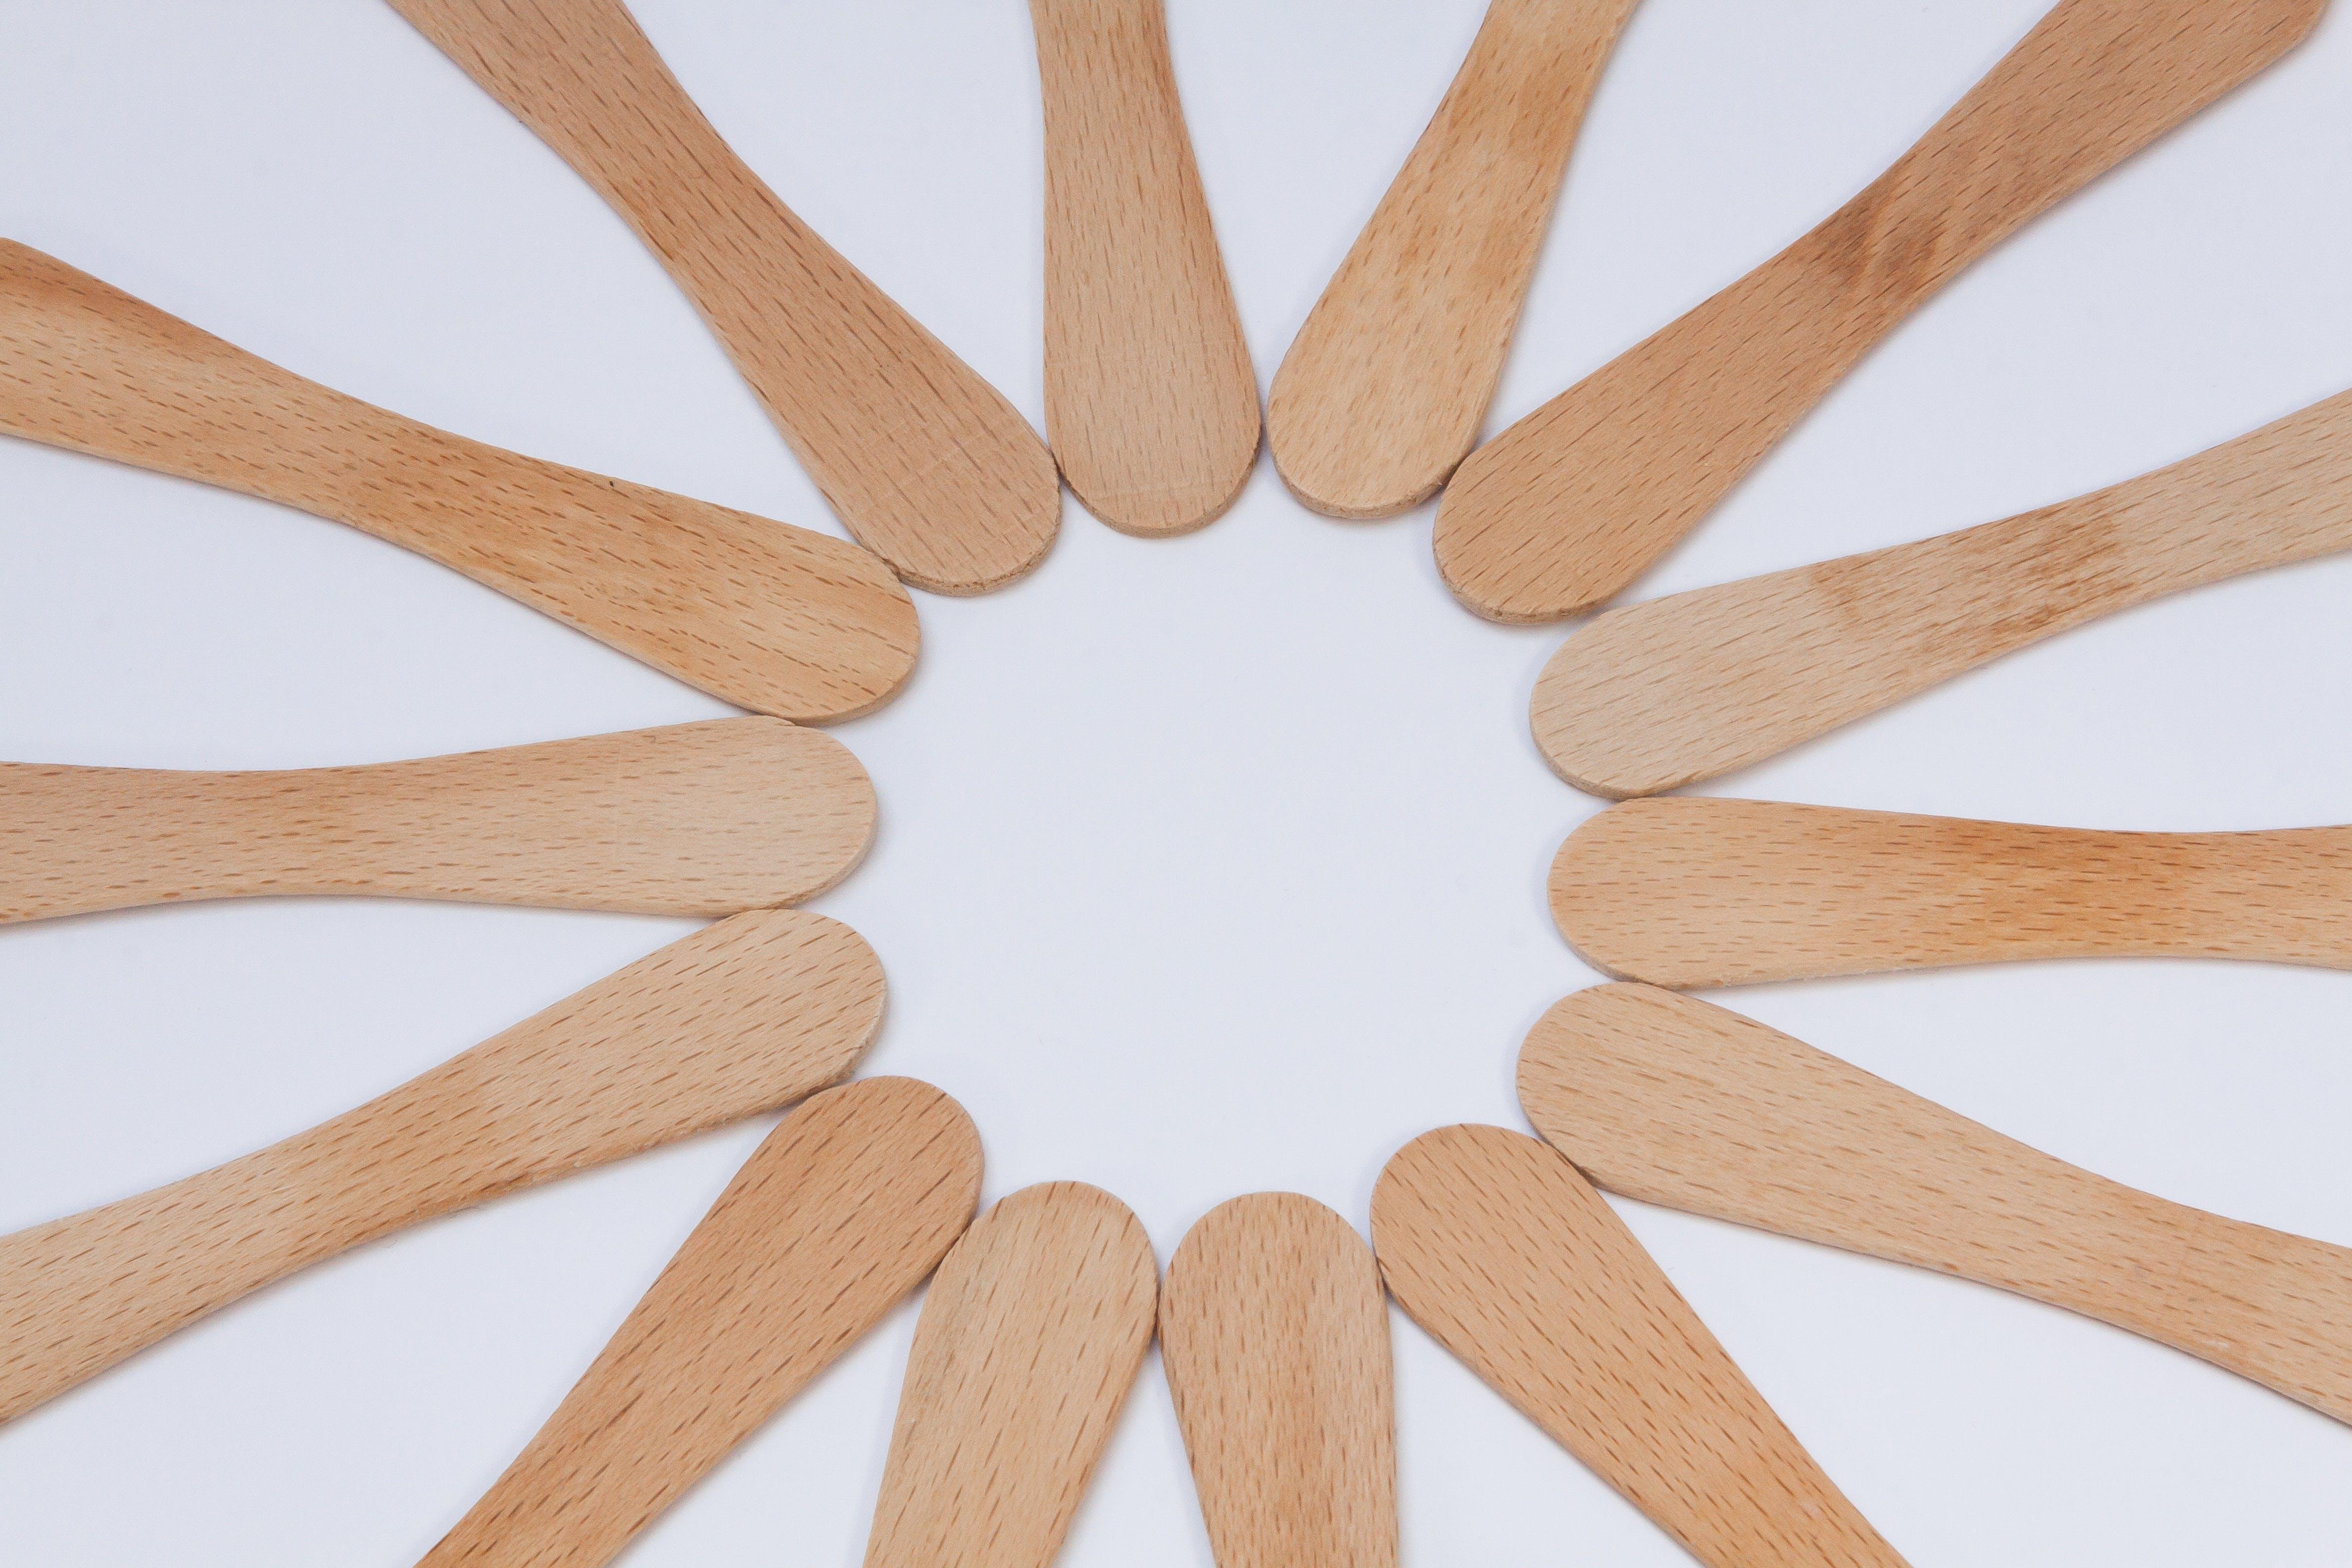 Kostenloses Stock Foto zu design, formen, holz, holzwerk